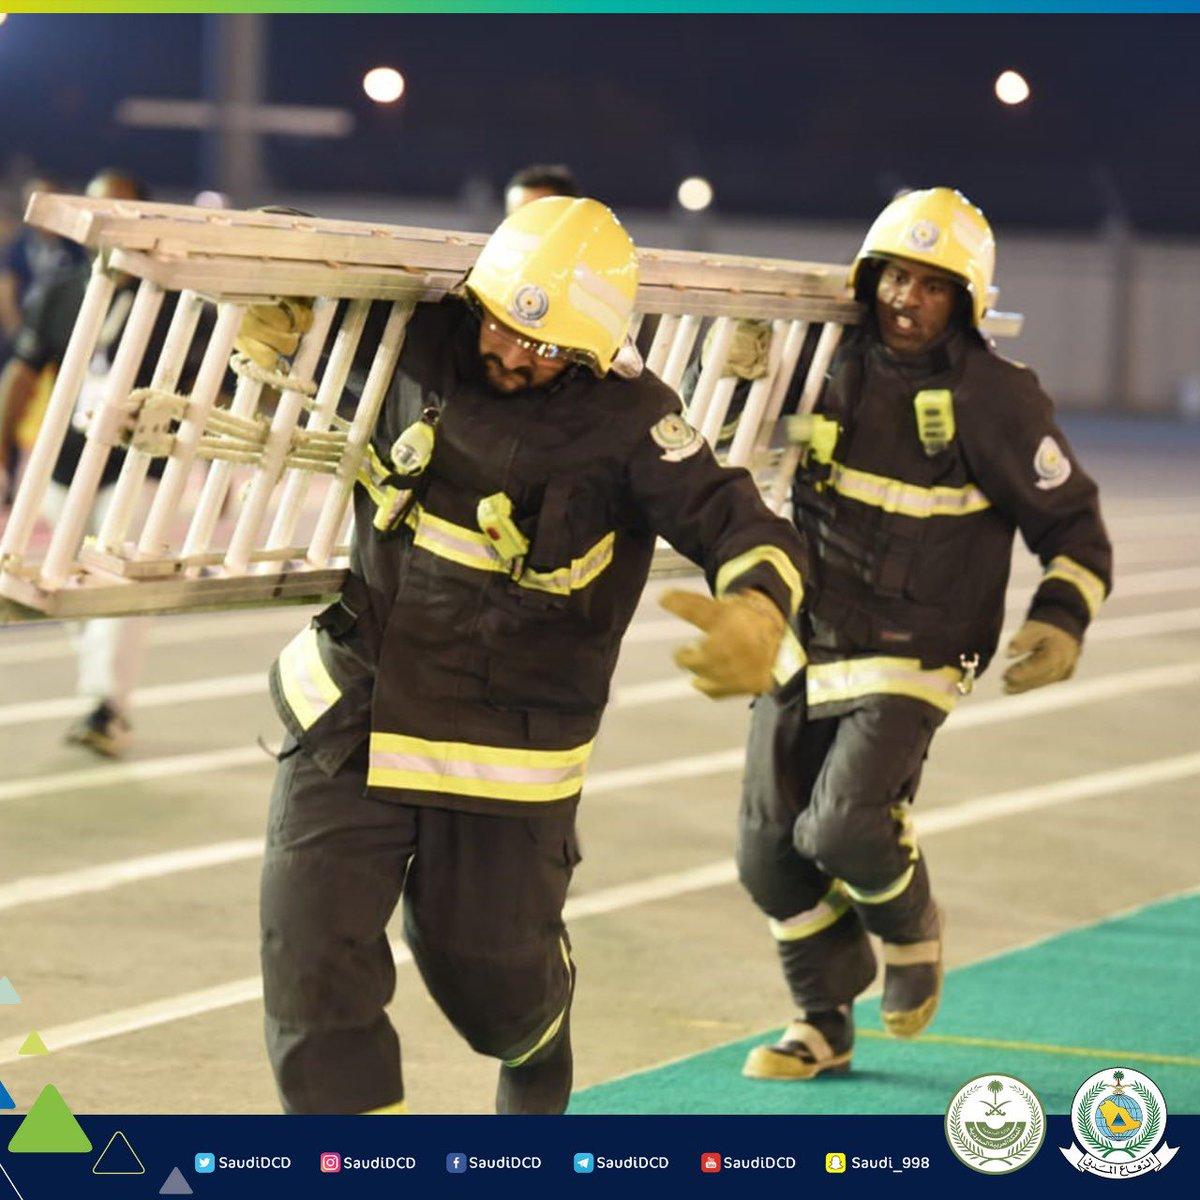 الدفاع المدني السعودي On Twitter جانب من مسابقات بطولة